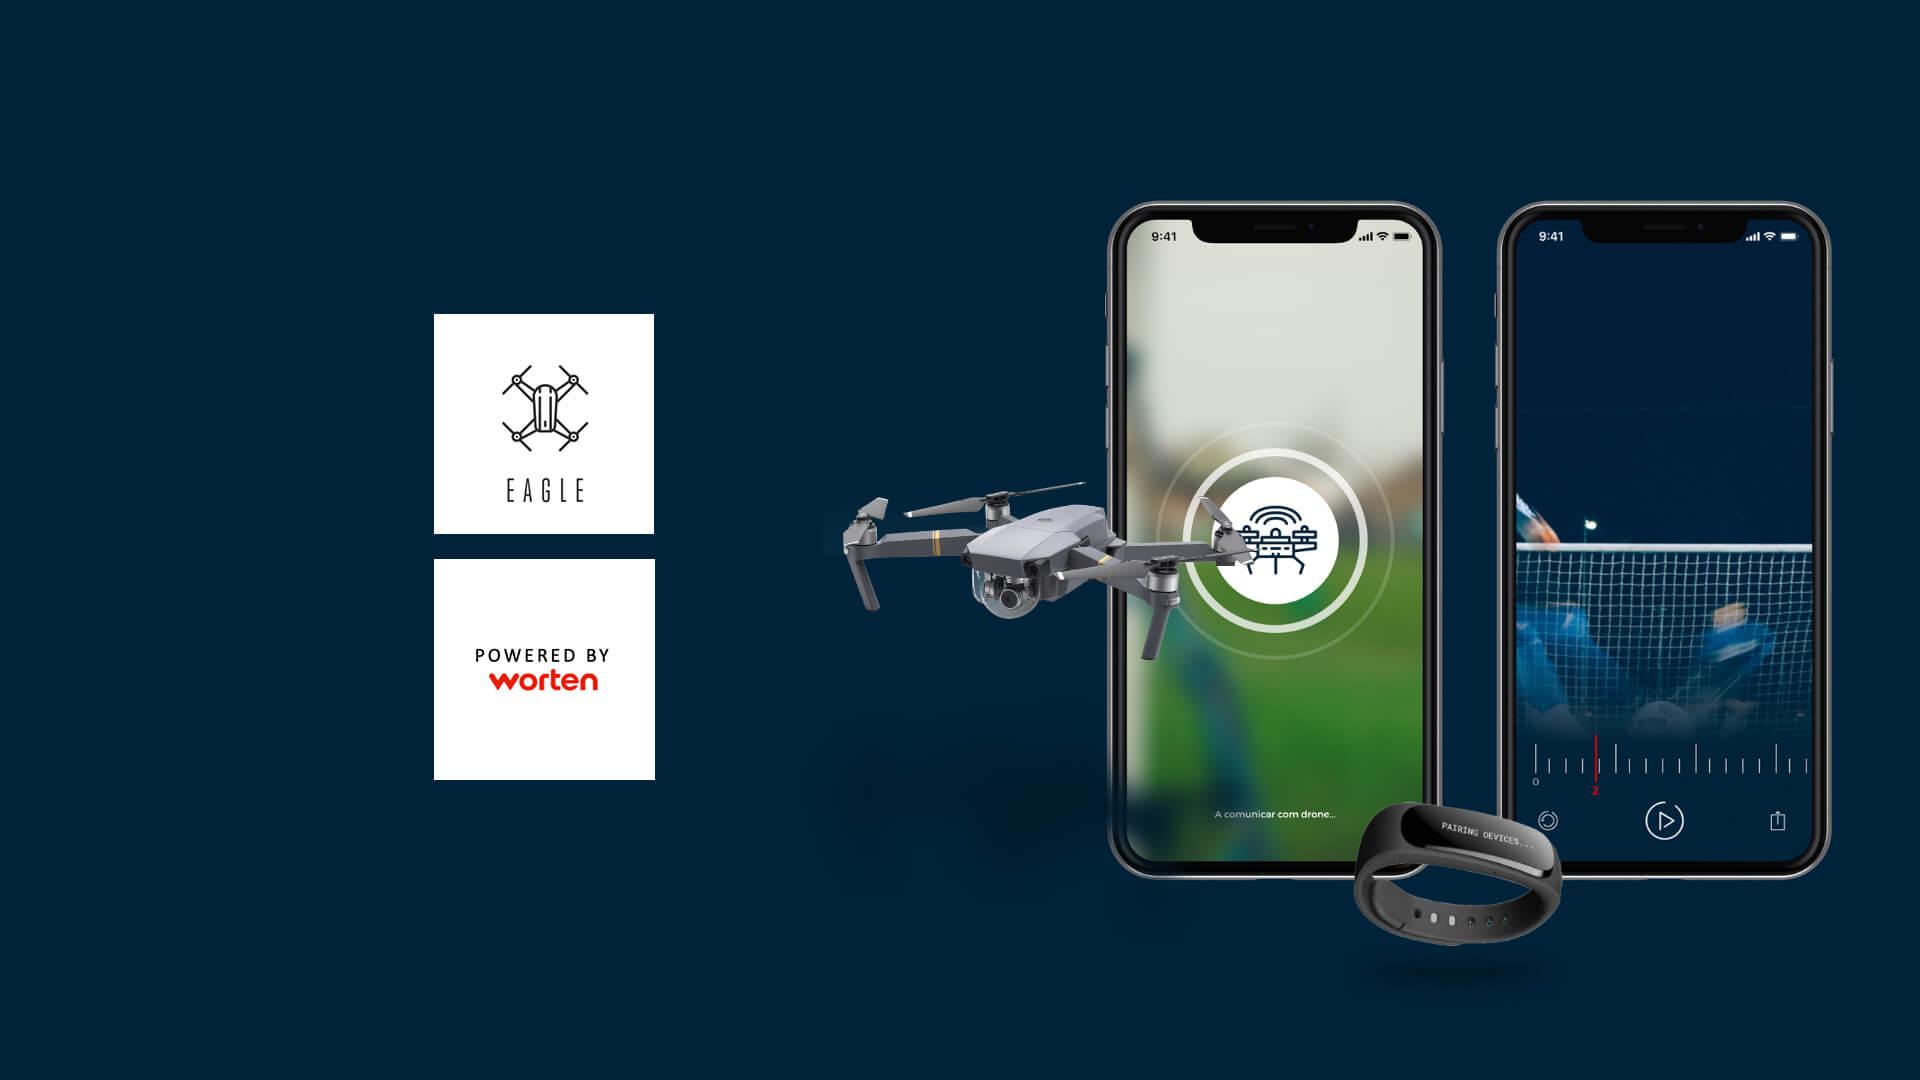 worten labs smart drones load project